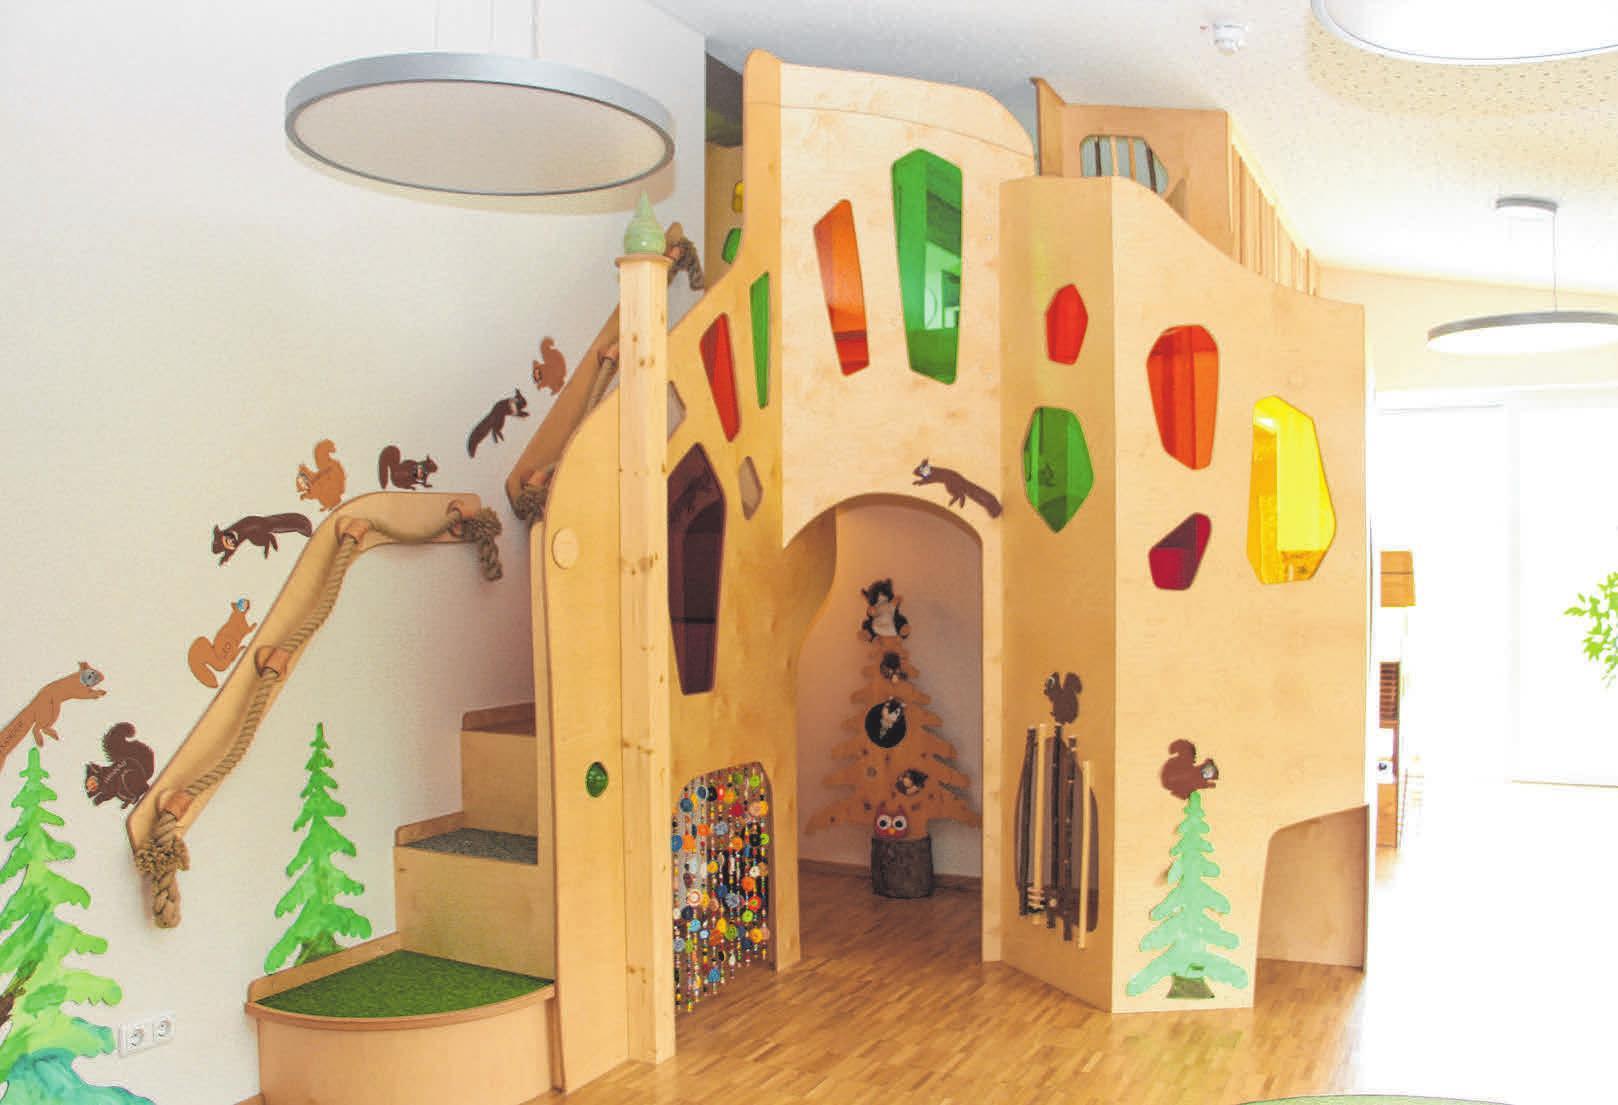 """Ein kreativ gestalteter Aufgang zur oberen Ebene bietet zahlreiche Spielmöglichkeiten. Durch bunte Scheiben können die Kinder die Welt """"in anderen Farben sehen""""."""